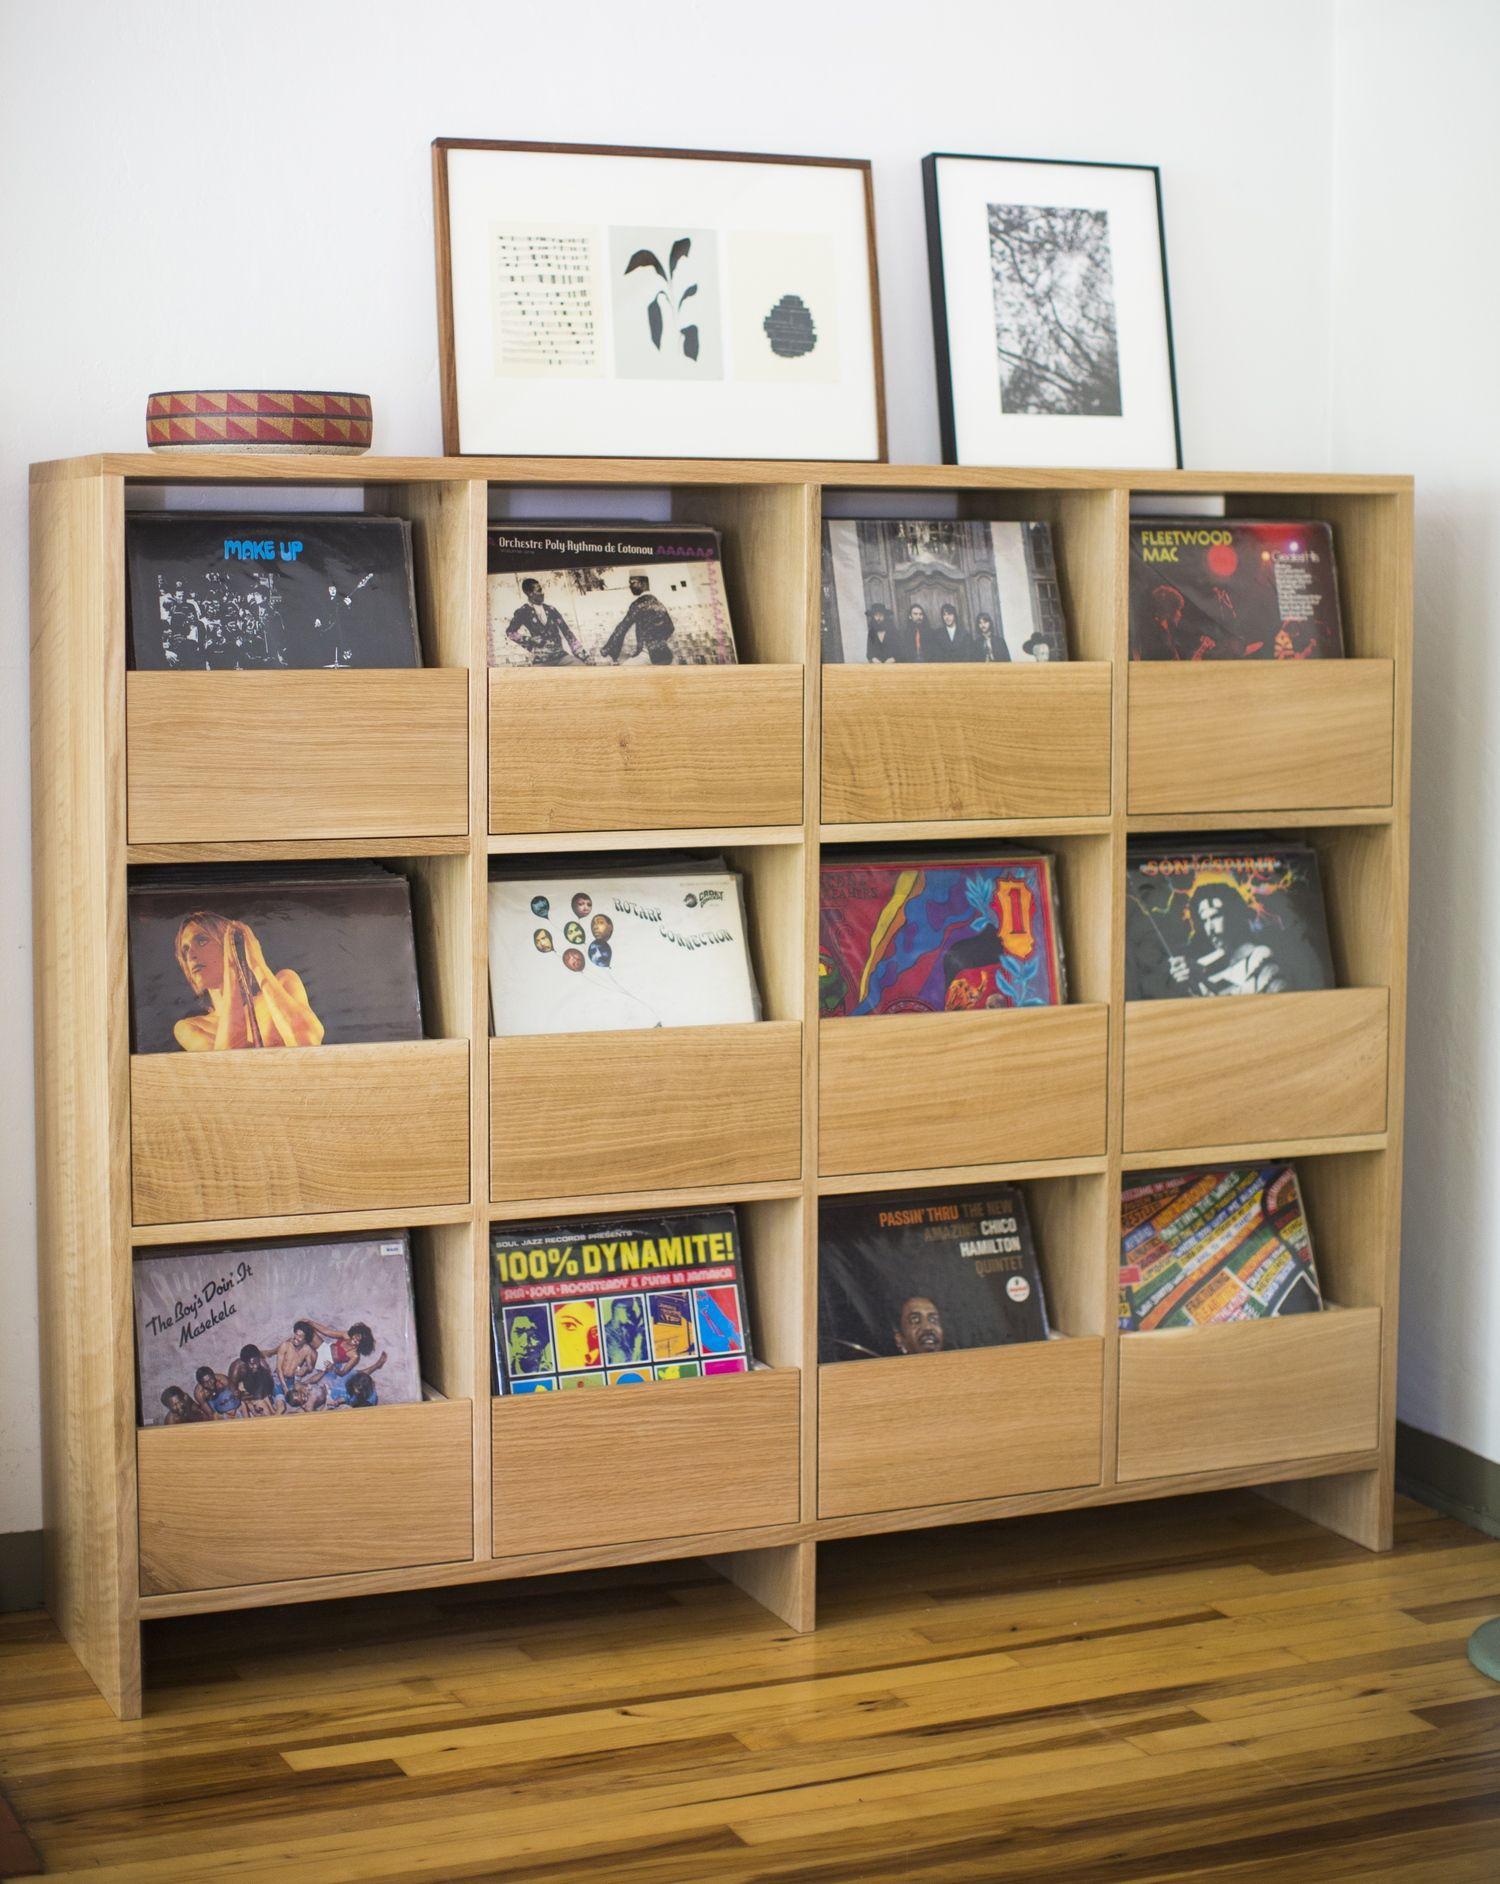 Mueble con cajones para guardar discos de vinilo - Para guardar cds ...